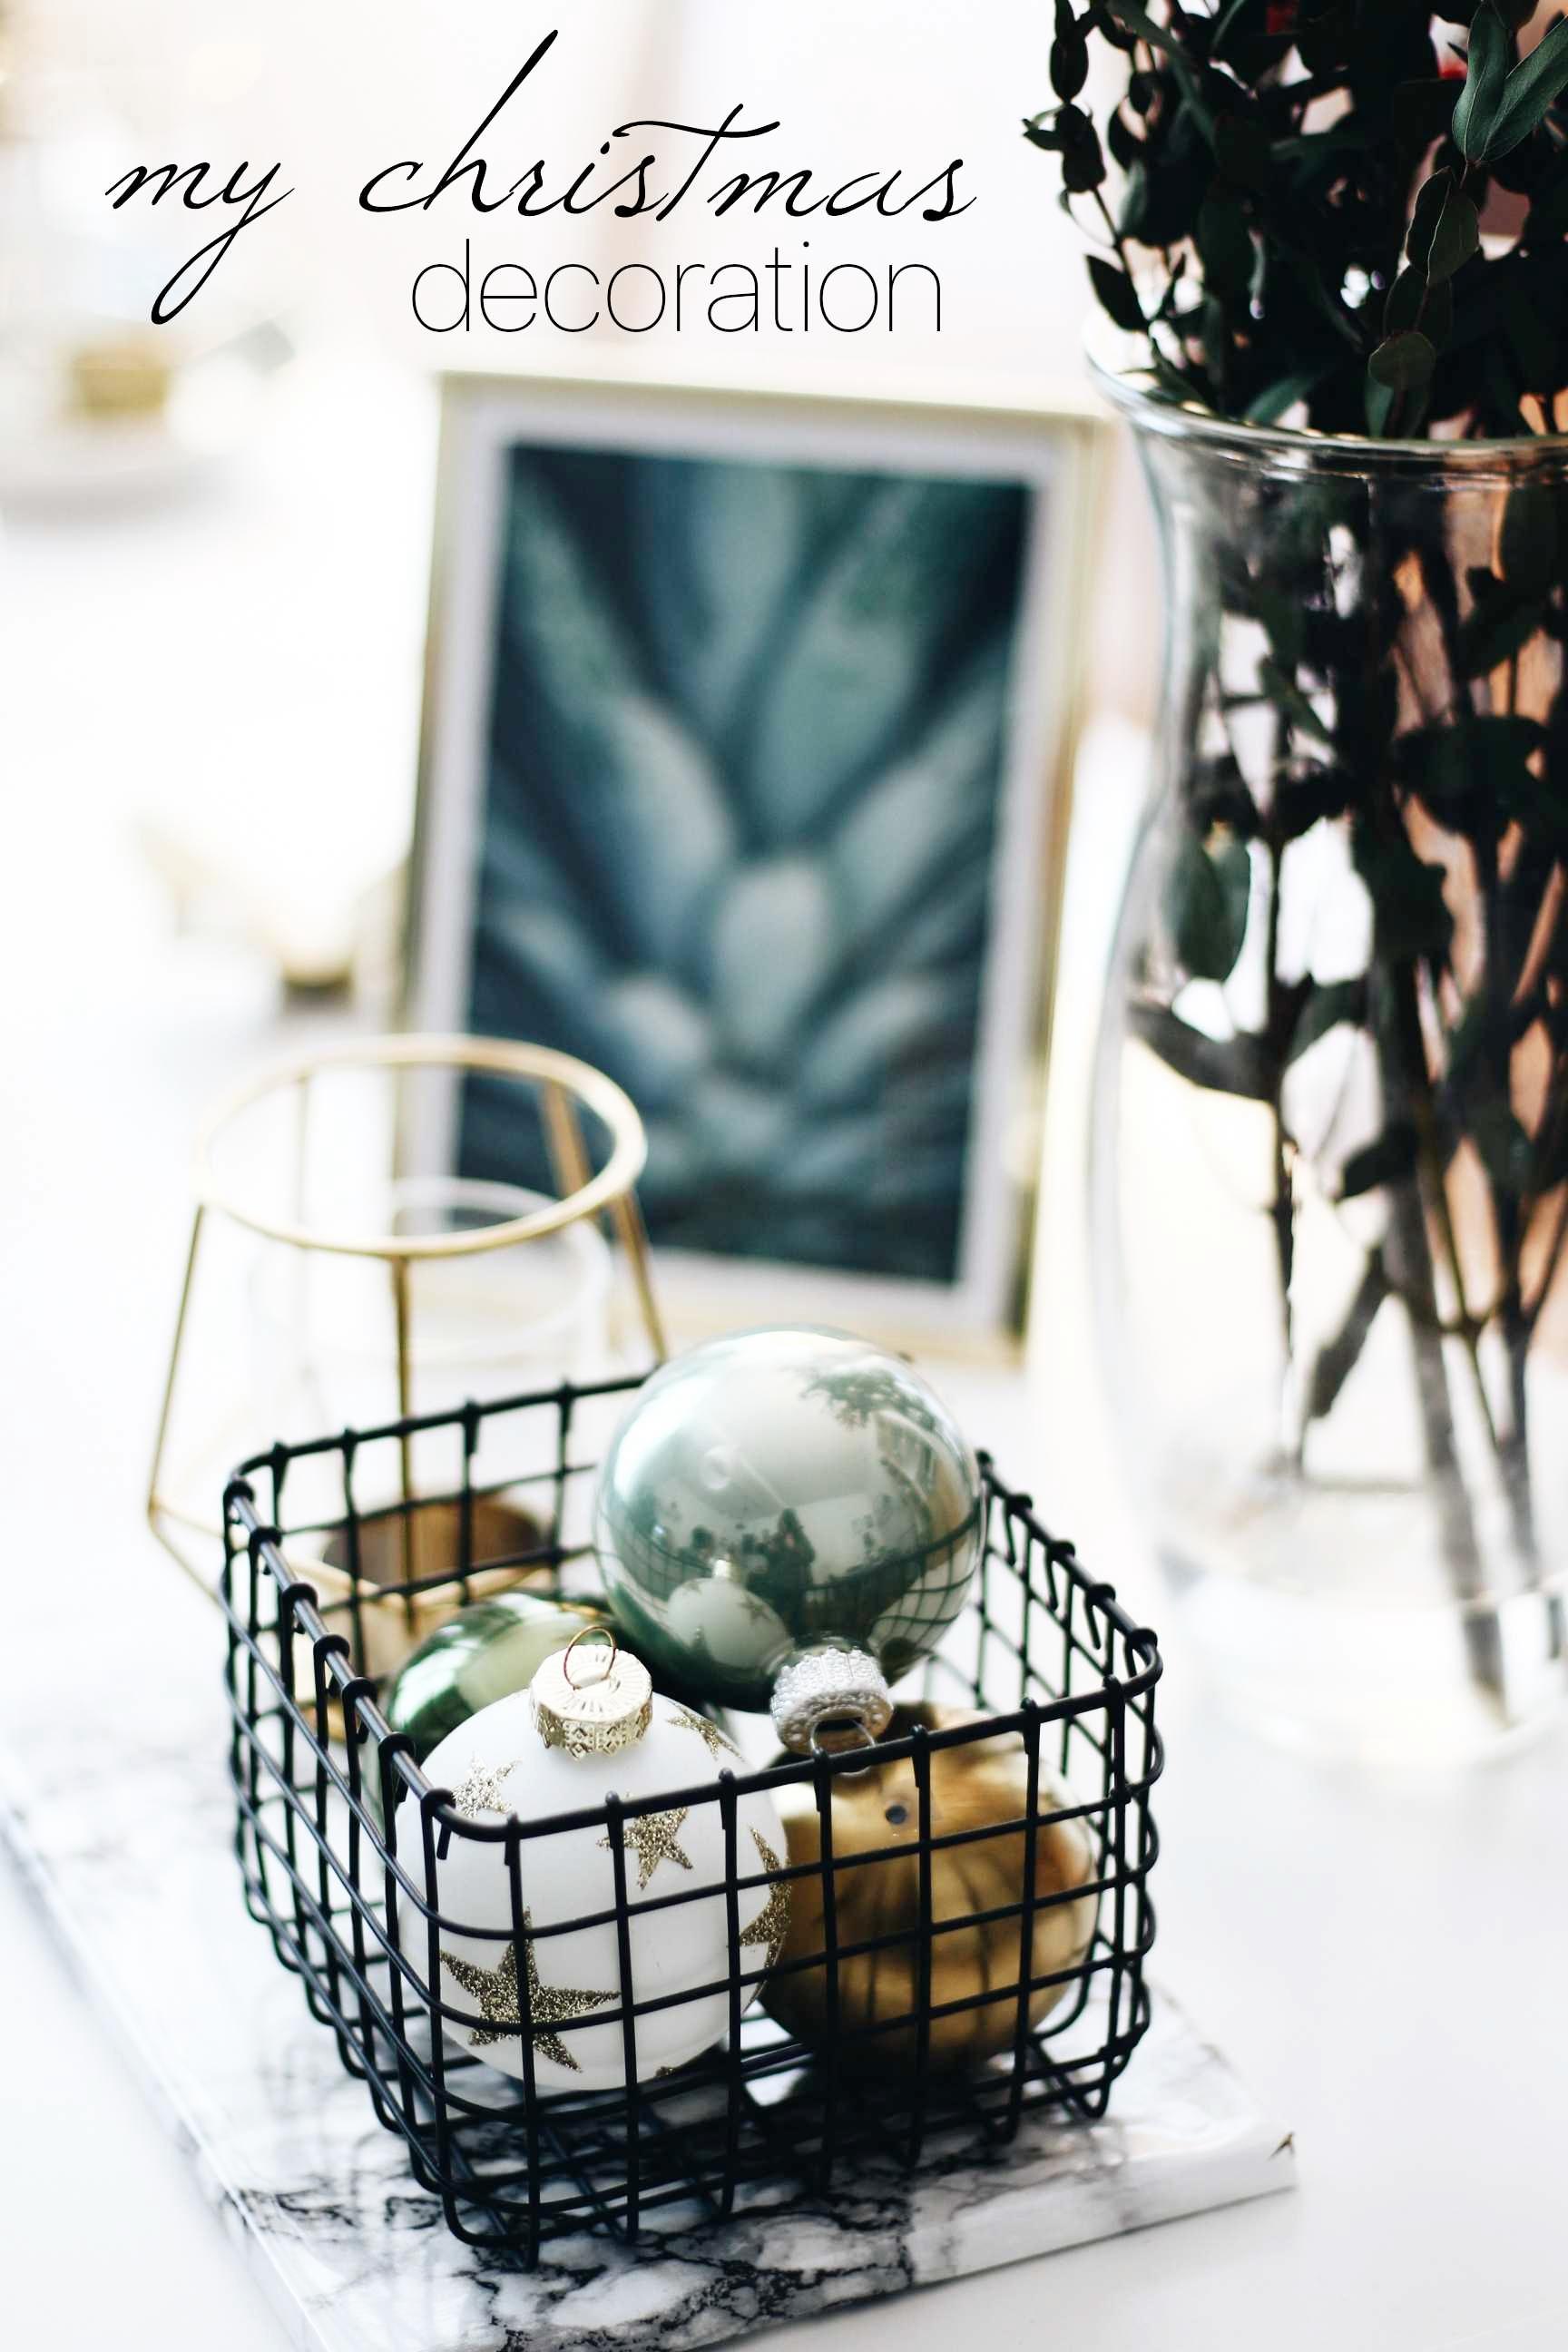 5 Tipps & Ideen für die eigene Weihnachtsdekoration - Lifestyle Blog Leipzig